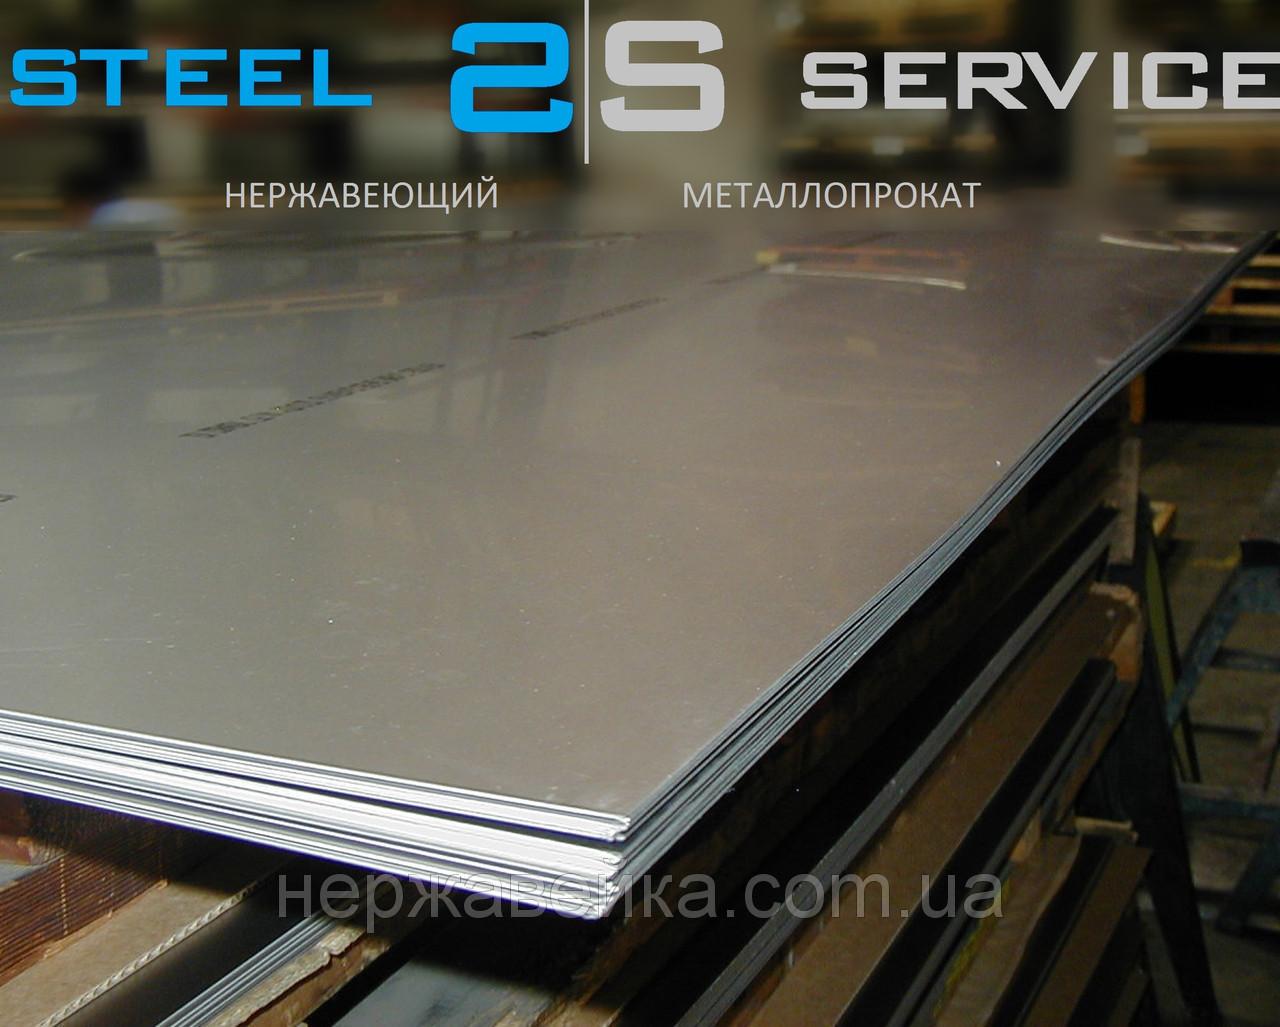 Нержавейка лист 8х1500х3000мм  AISI 304(08Х18Н10) F1 - горячекатанный,  пищевой